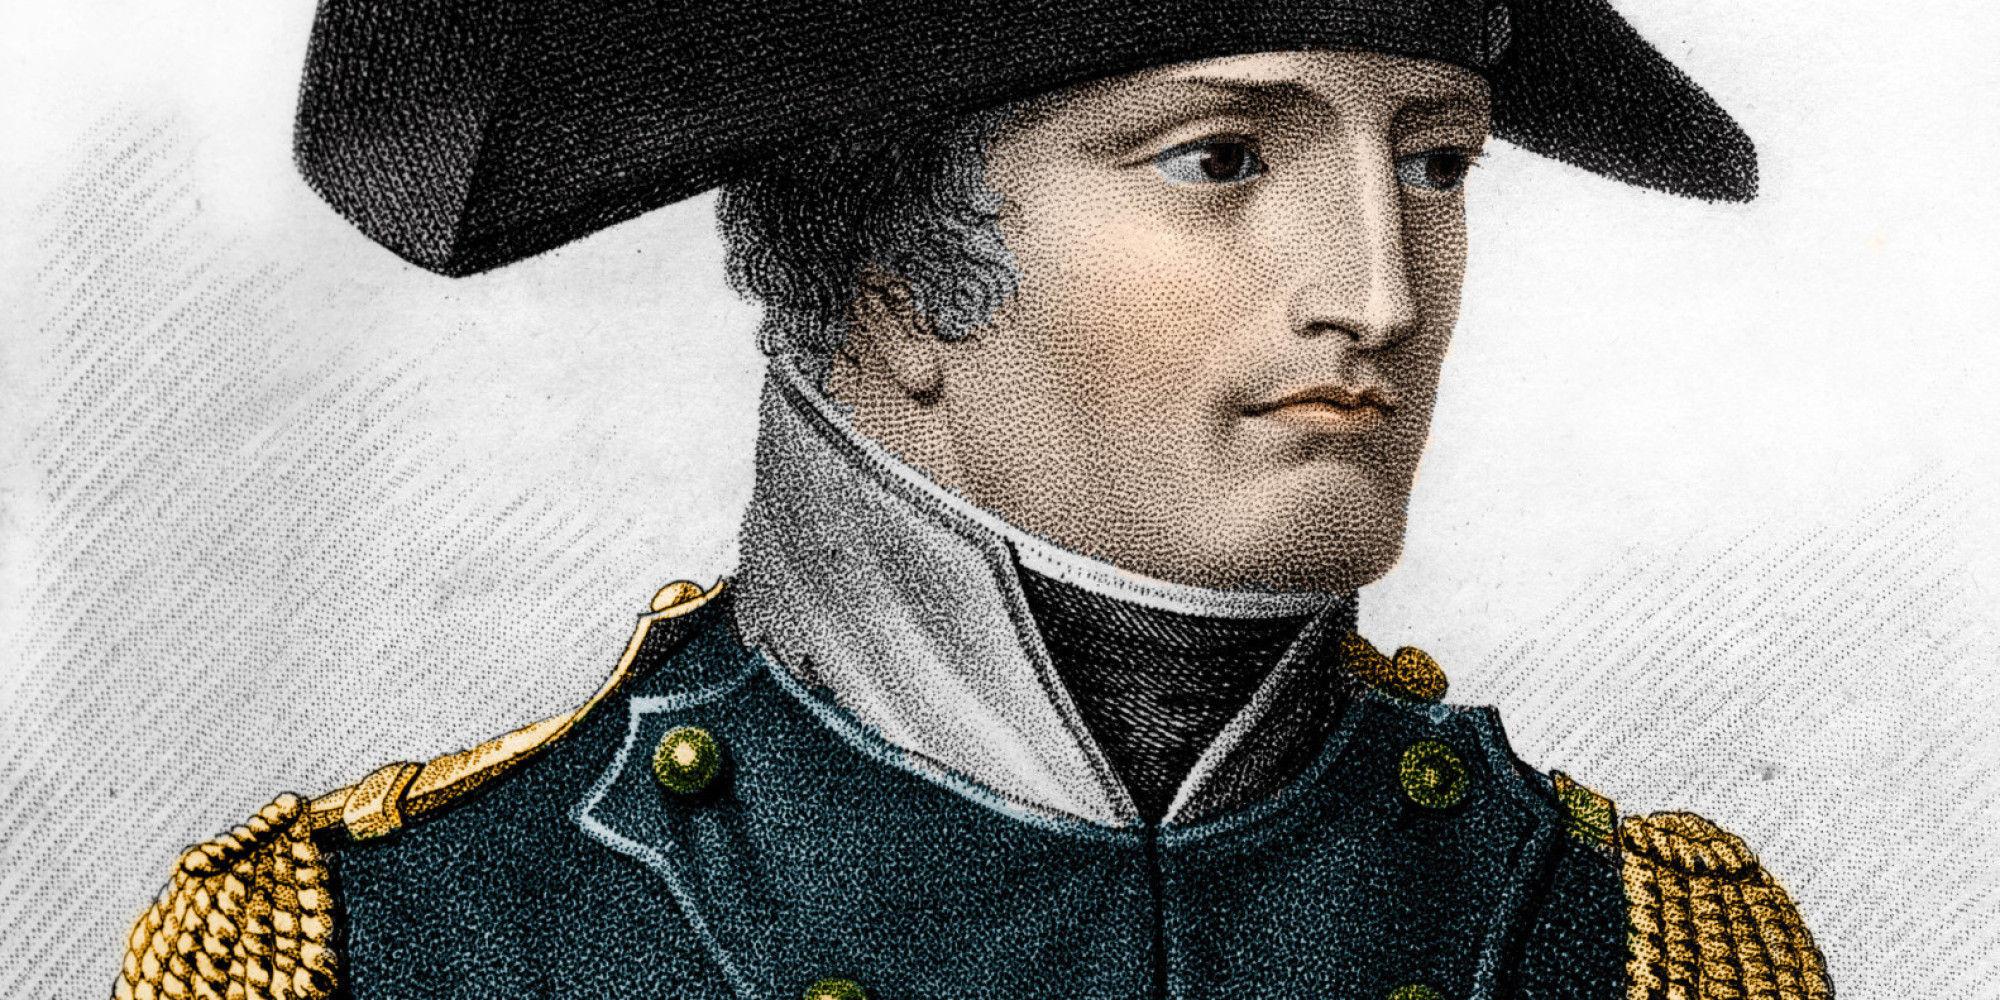 ¿Cuánto medía Napoleón Bonaparte de altura?¿ Para su época, era considerado bajo o normal?